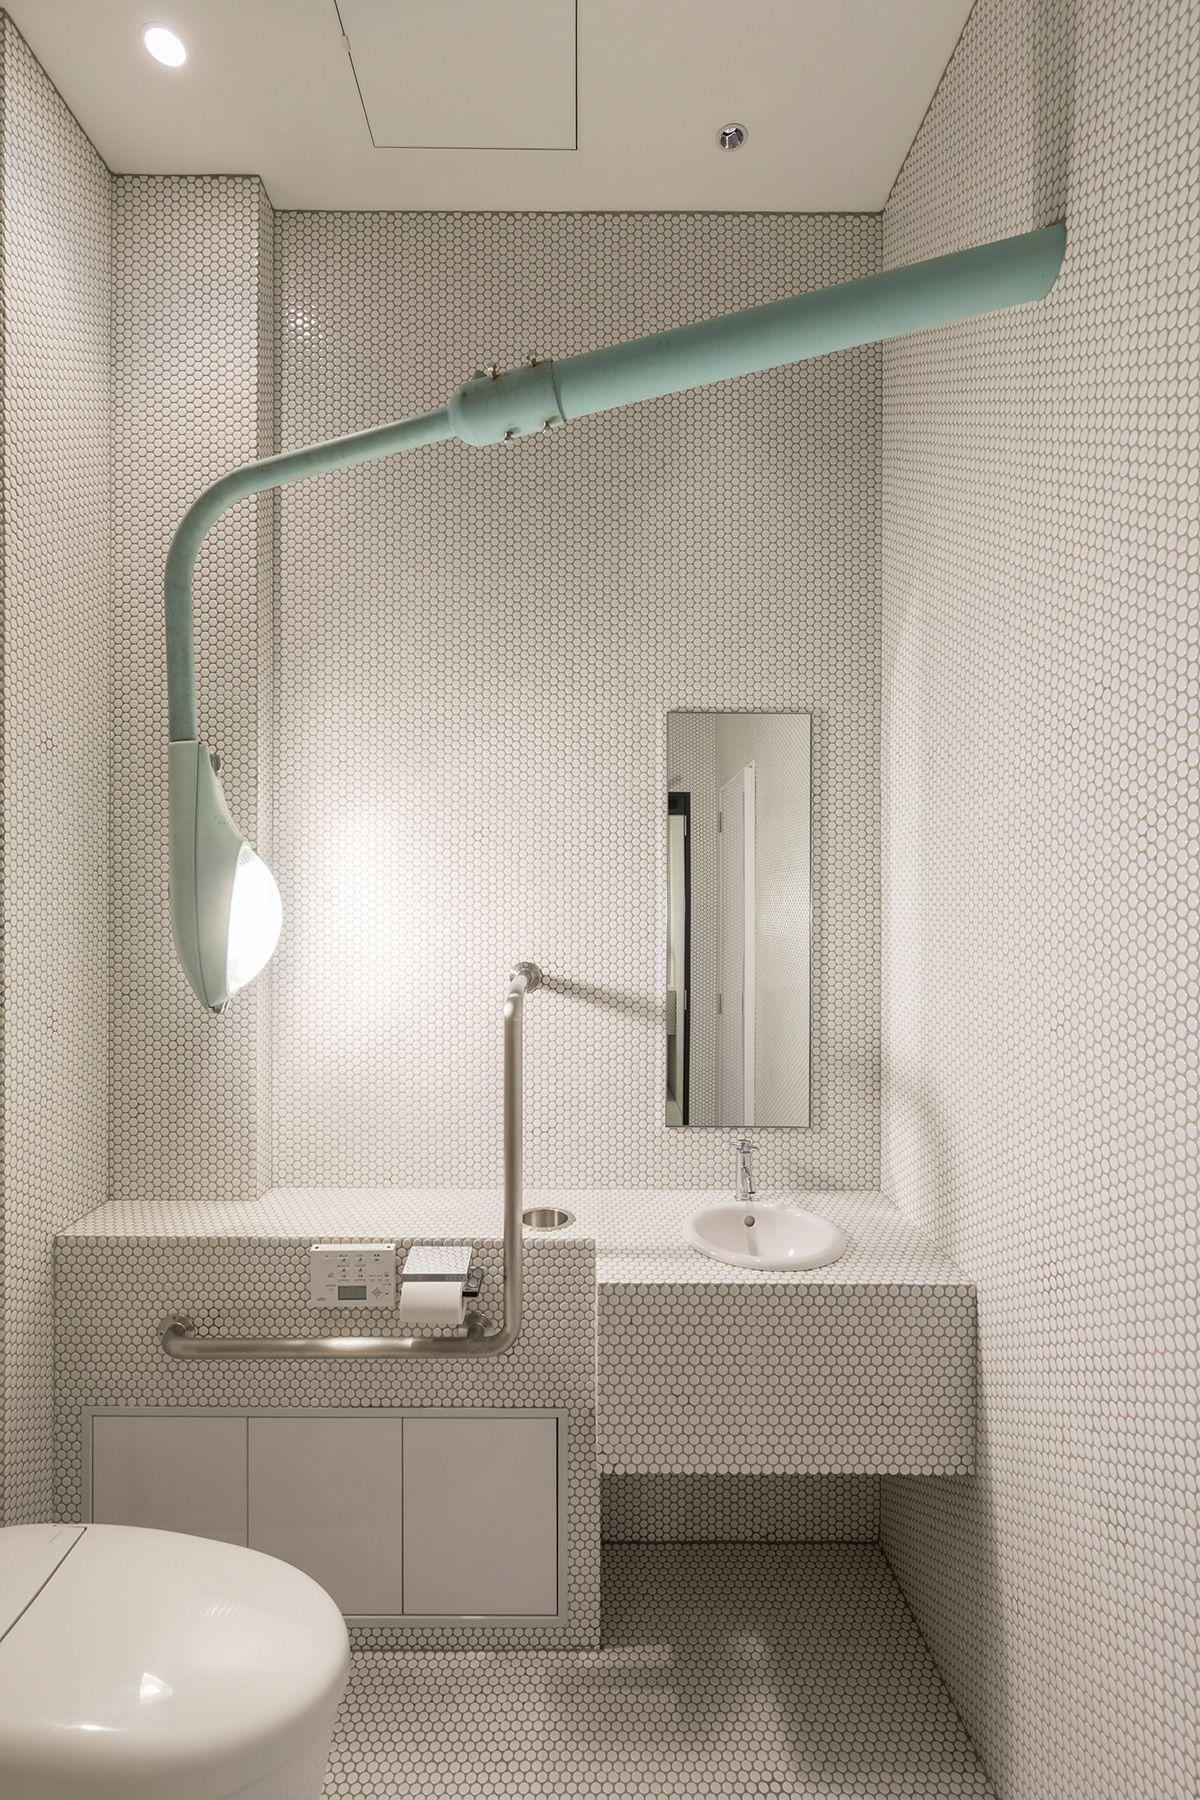 PAVILION(パビリオン)/店舗街頭が照明になっているトイレ